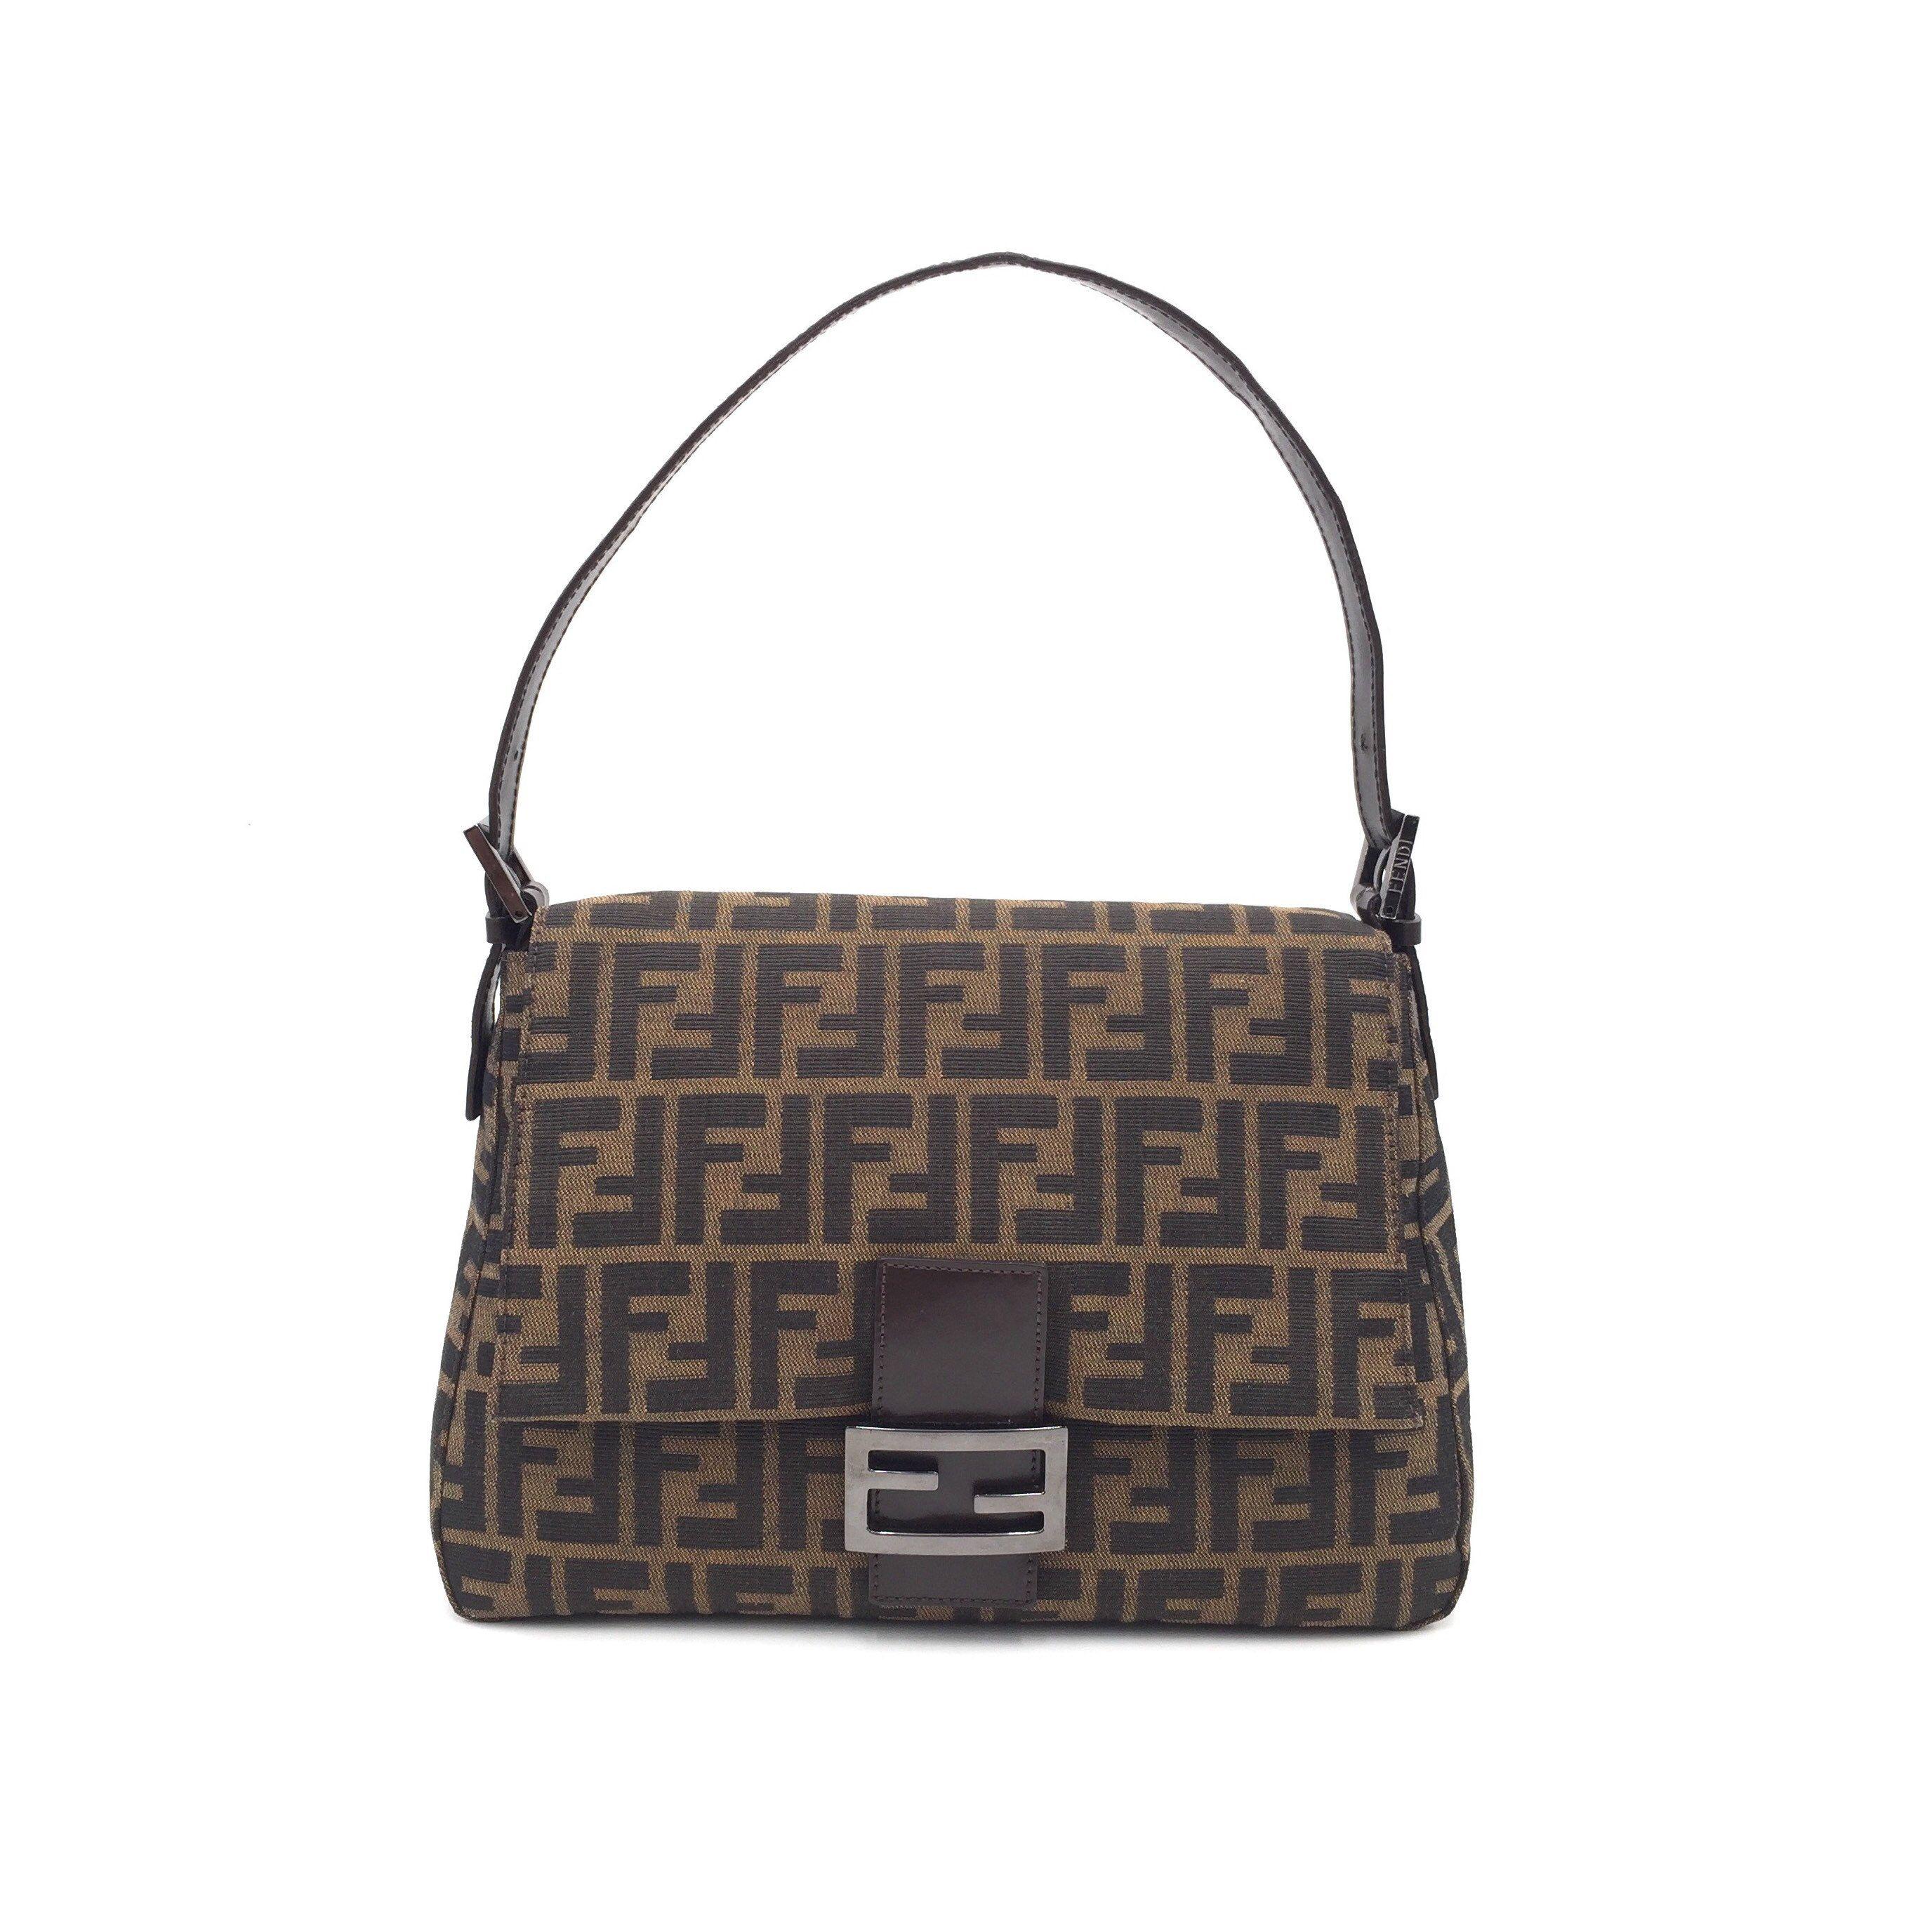 Authentic Vintage Fendi Zucca Mama Baguette Fendi Bags Louis Vuitton Damier